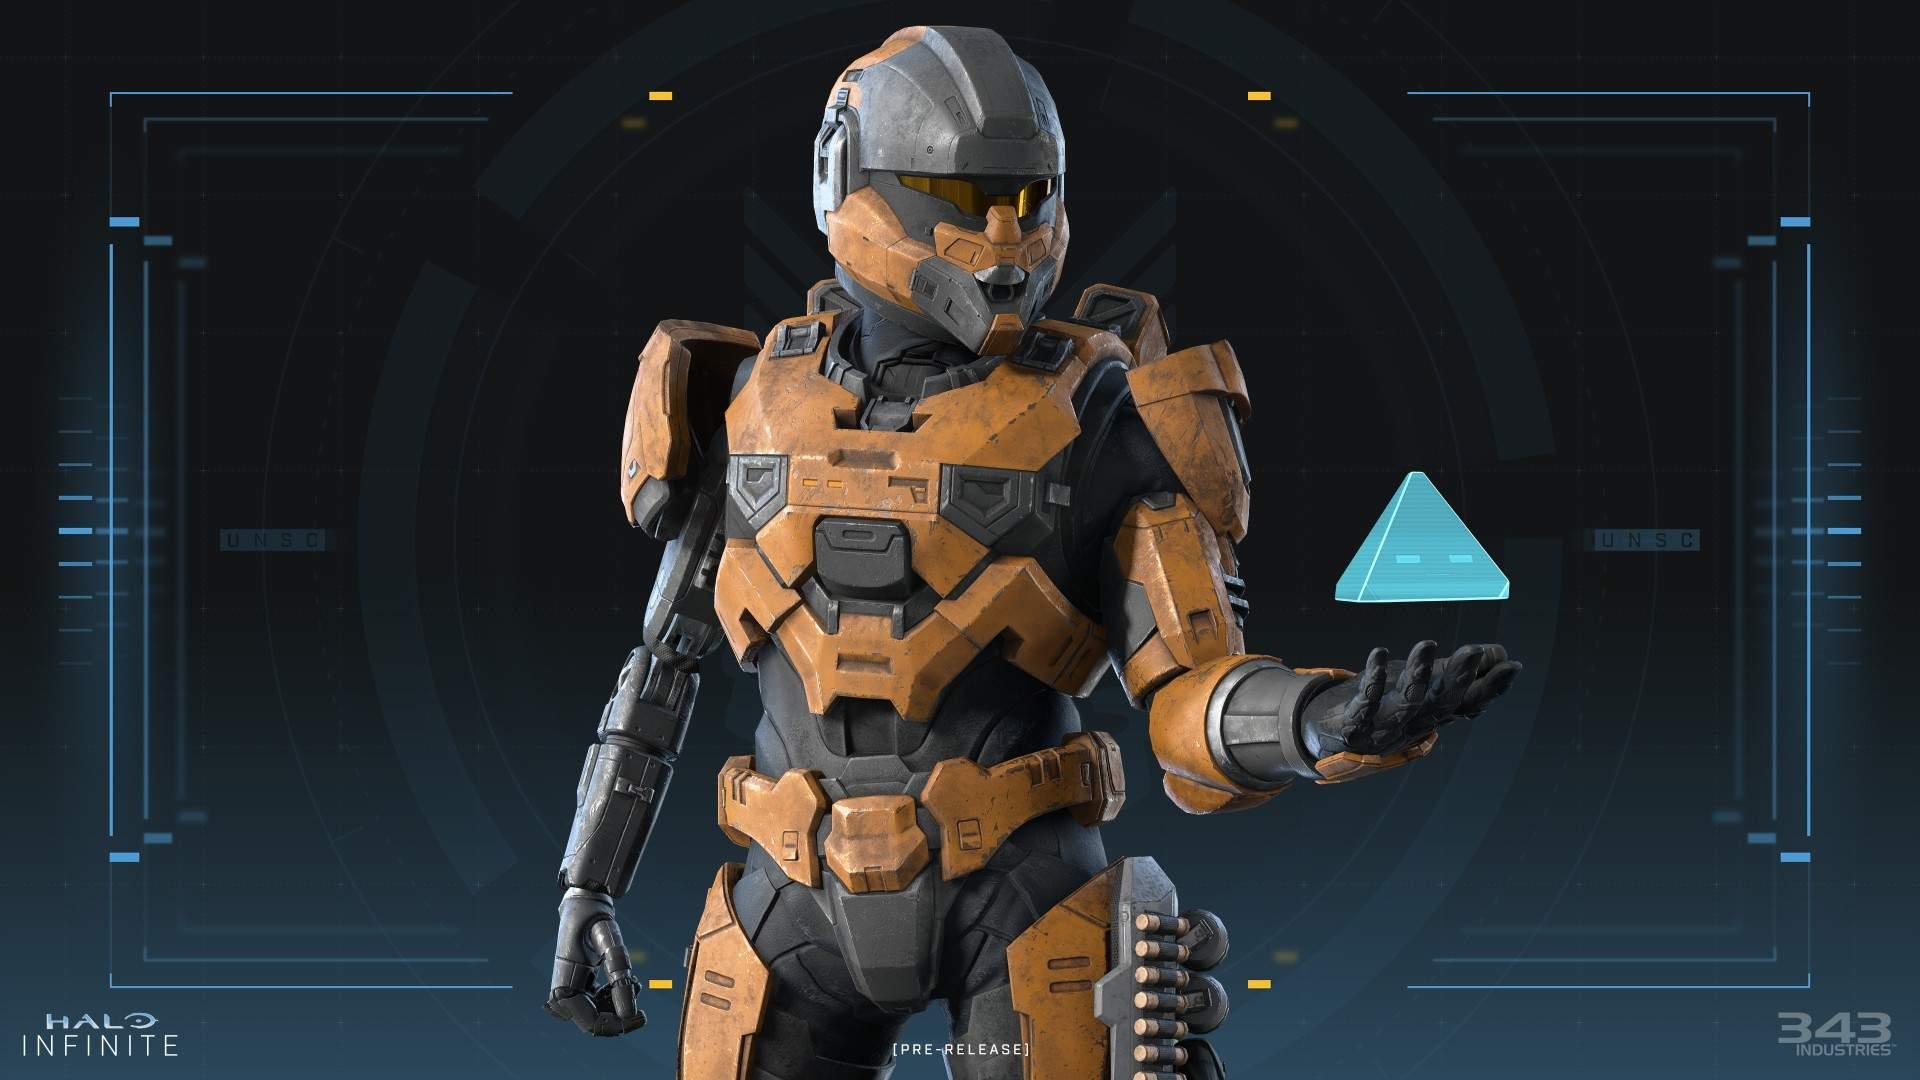 Halo Infinite z szerokimi ułatwieniami dostępu, na platformie Xbox (źródło: Microsoft)